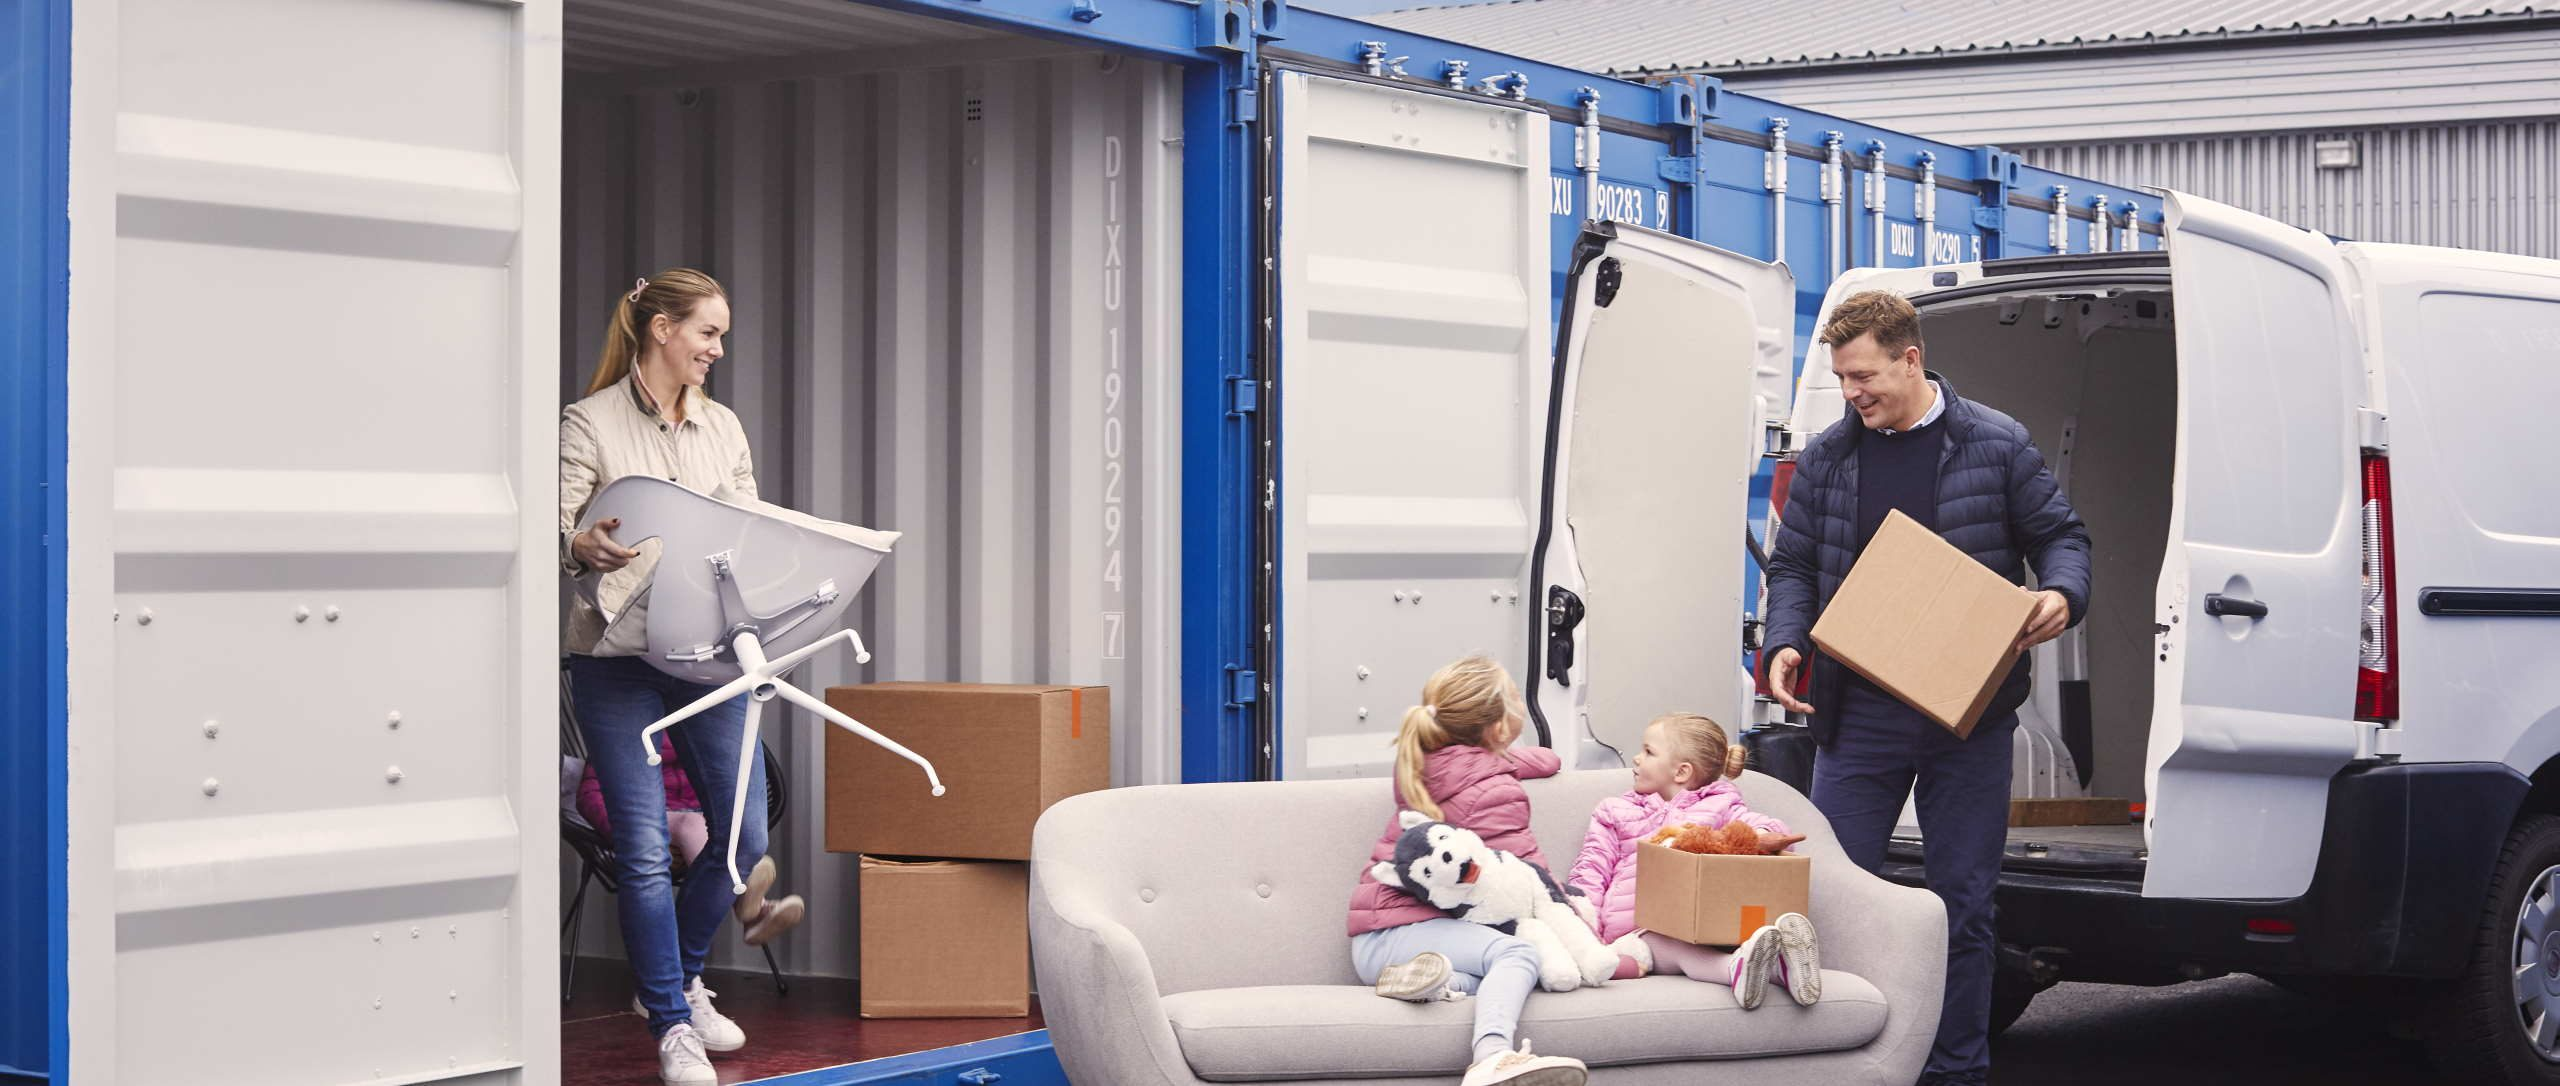 Персональный склад во время ремонта или переезда